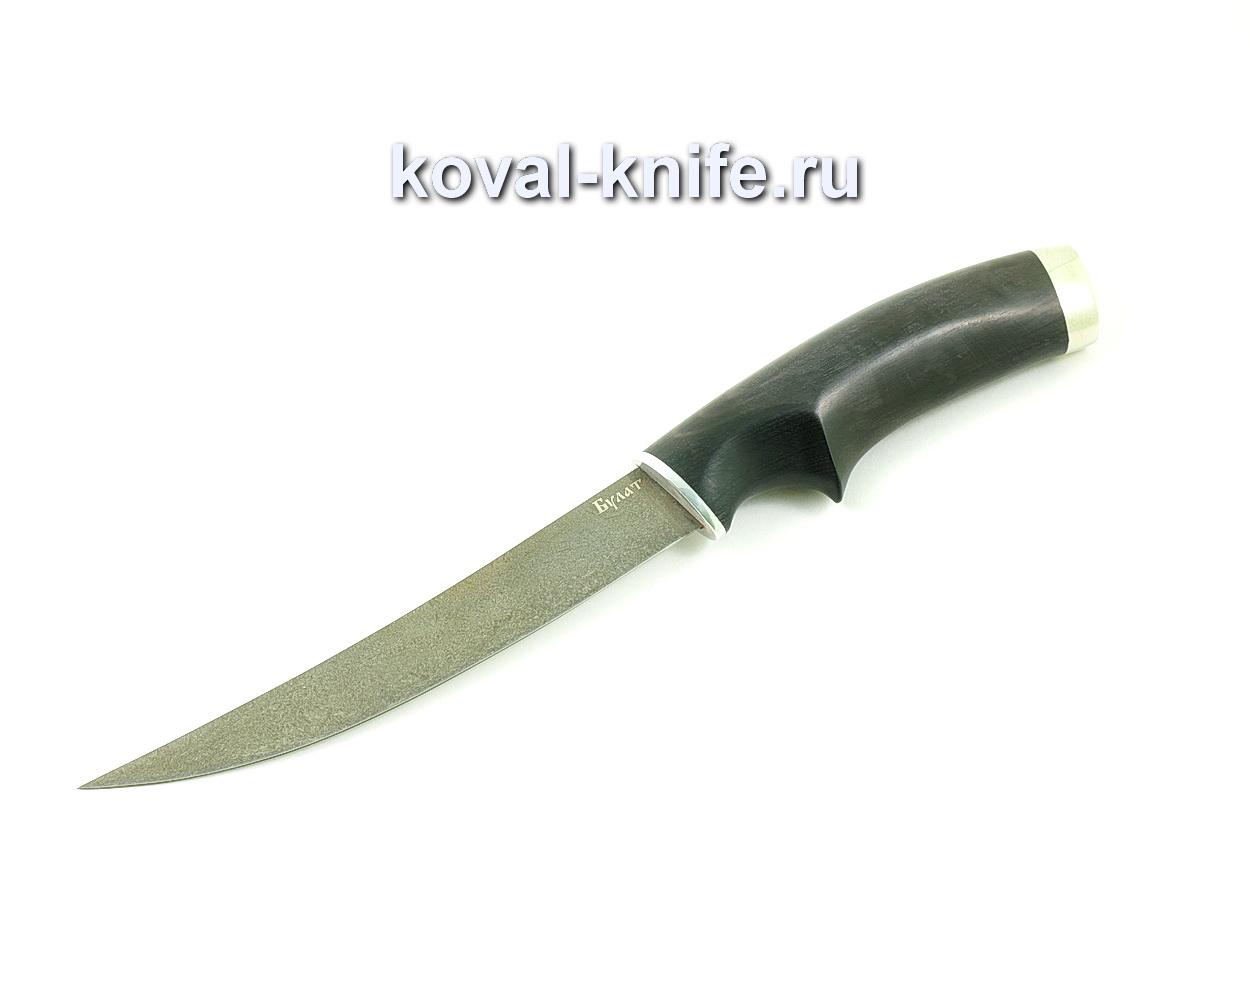 Нож из булатной стали Филейный  (Легированный булат, рукоять граб) A449